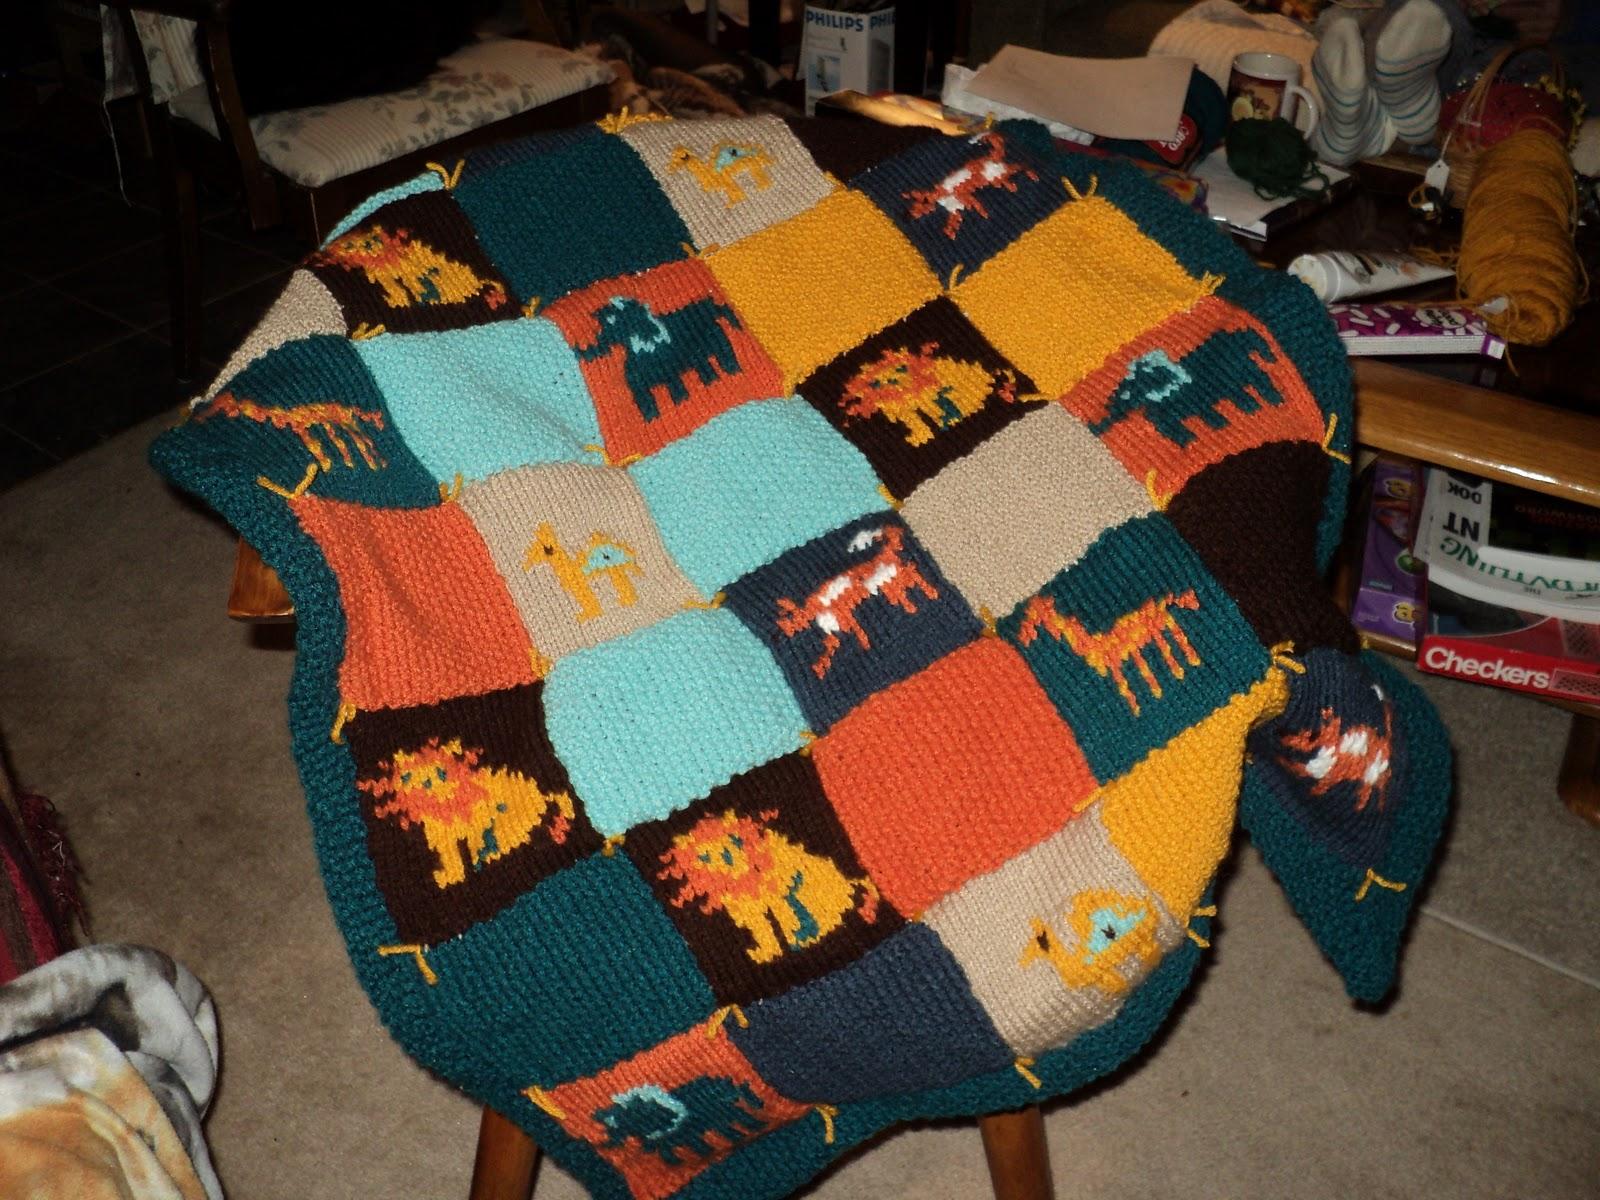 http://3.bp.blogspot.com/_sbFQgTYlJuk/TUhozGTwGkI/AAAAAAAAABA/9rfB0kCQ7Ck/s1600/Animal%20Blanket.JPG